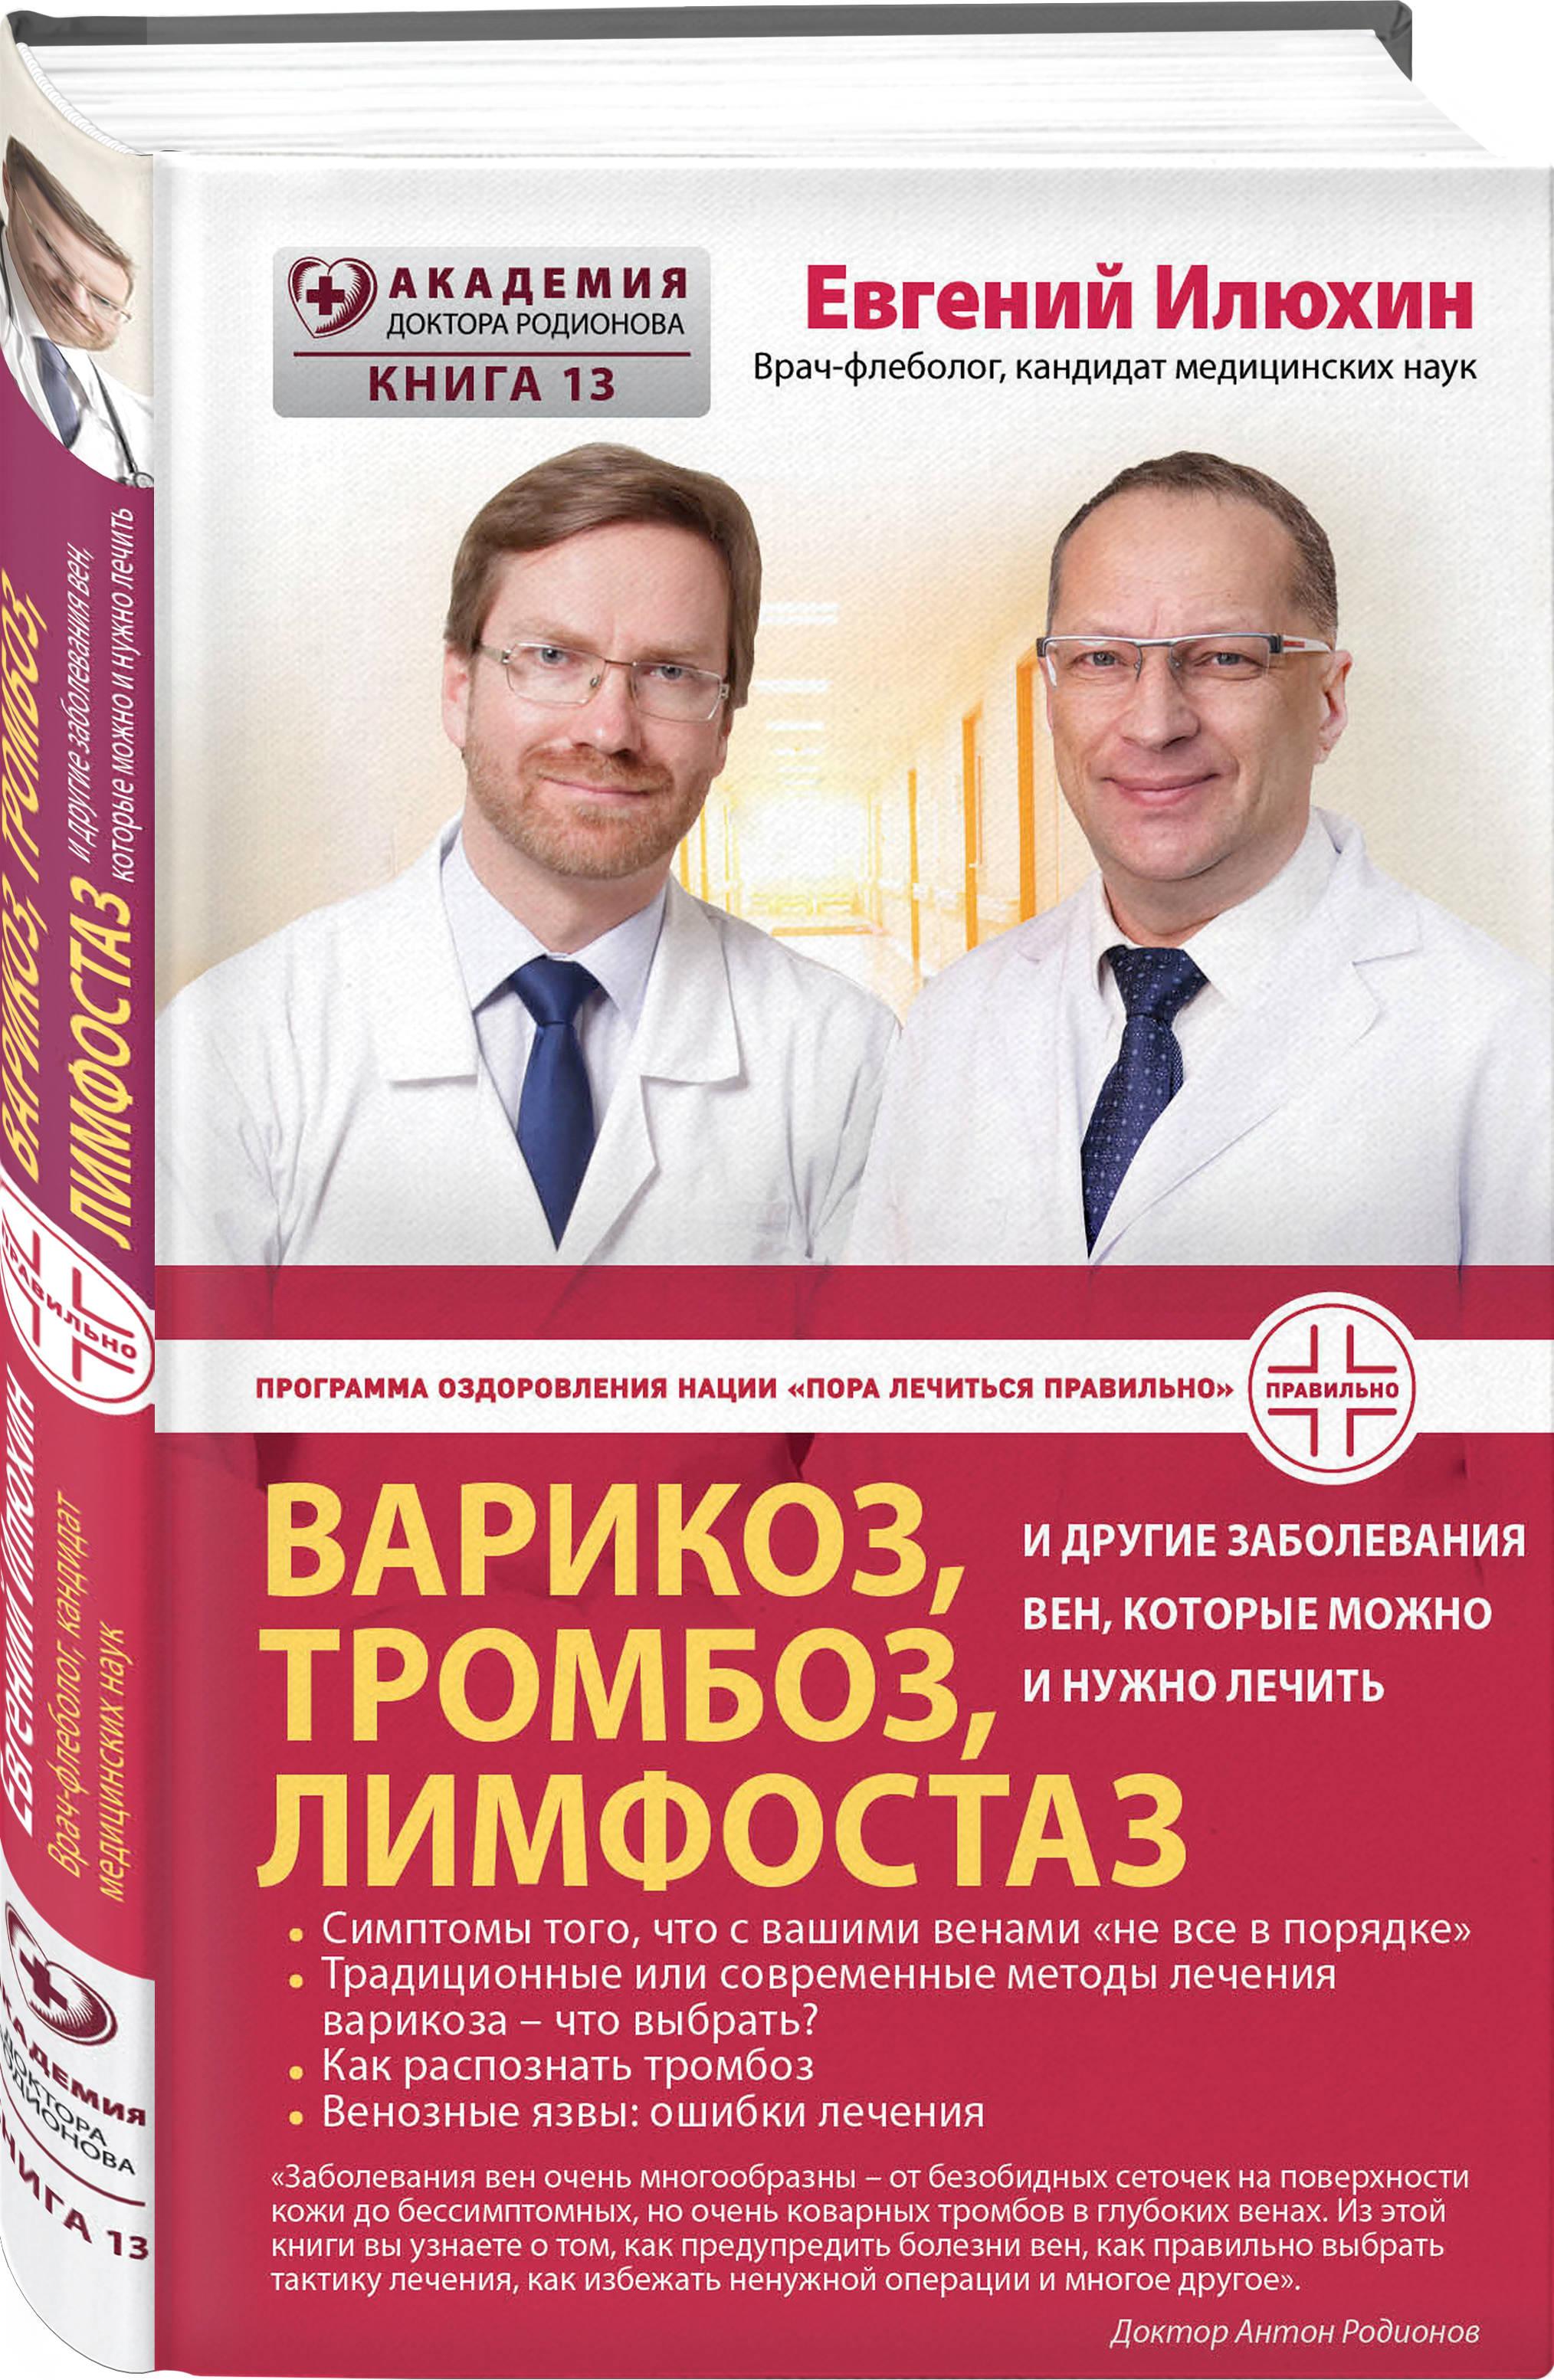 Евгений Илюхин Варикоз, тромбоз, лимфостаз и другие заболевания вен, которые можно и нужно лечить